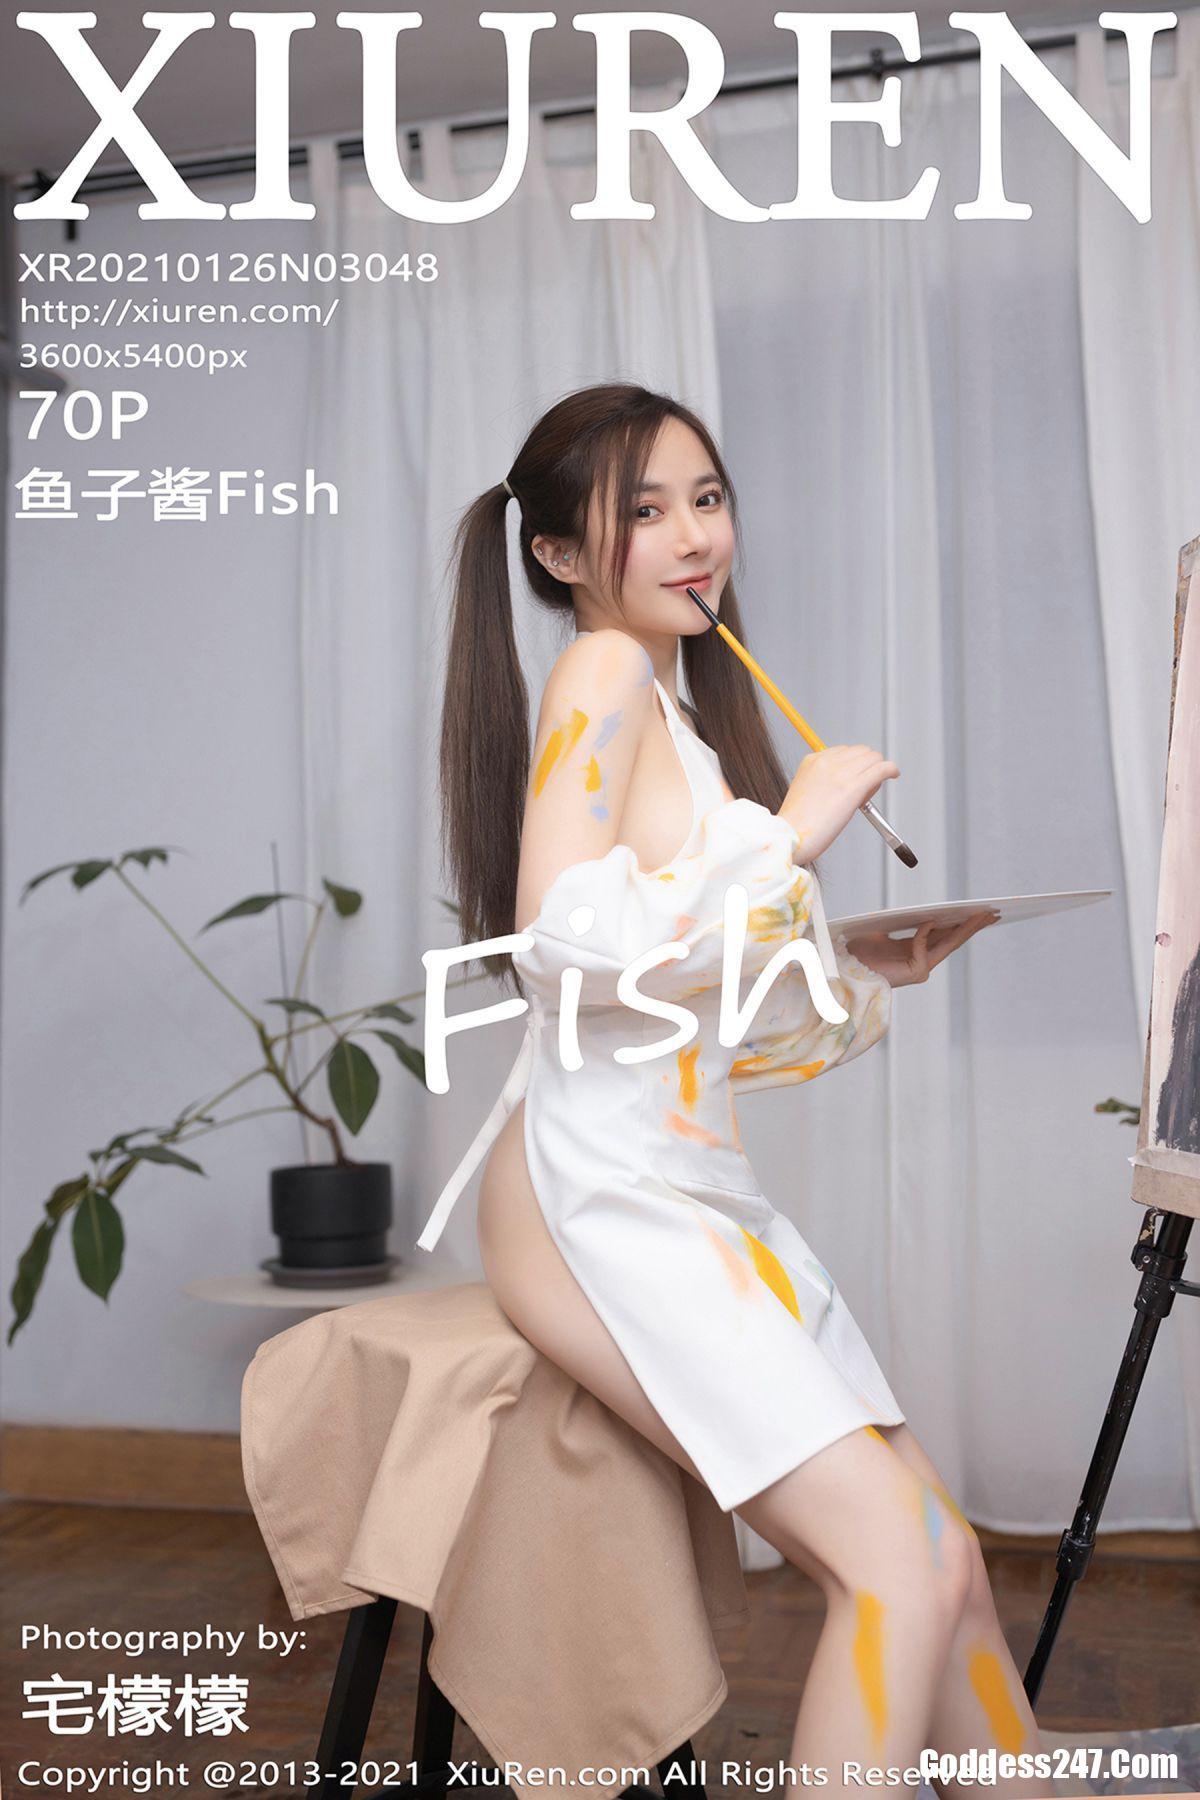 XiuRen秀人网 No.3048 鱼子酱Fish